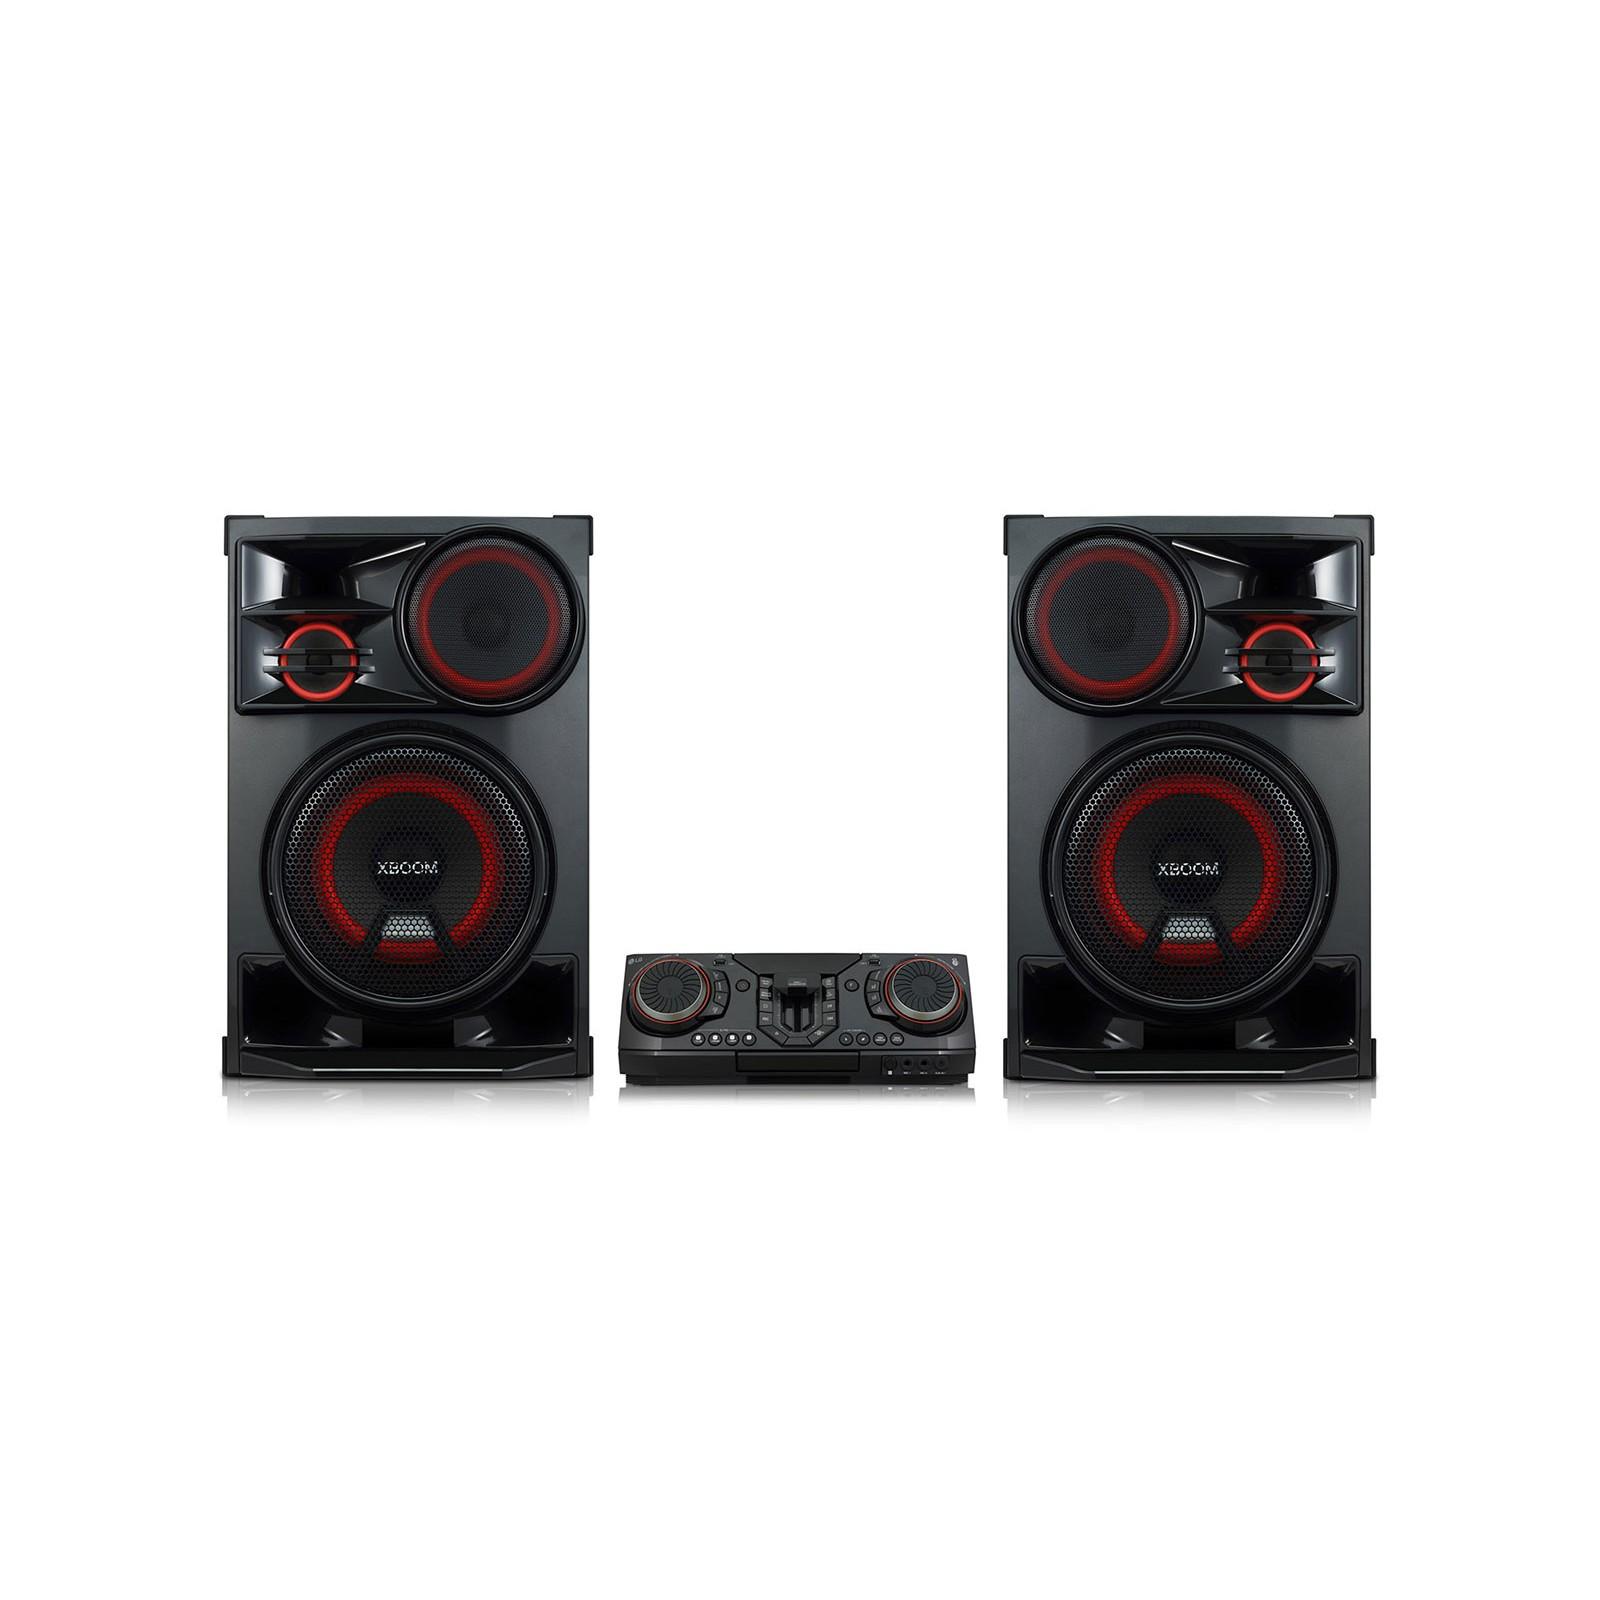 Mini System LG Xboom CL98 3500W CD USB Bluetooth